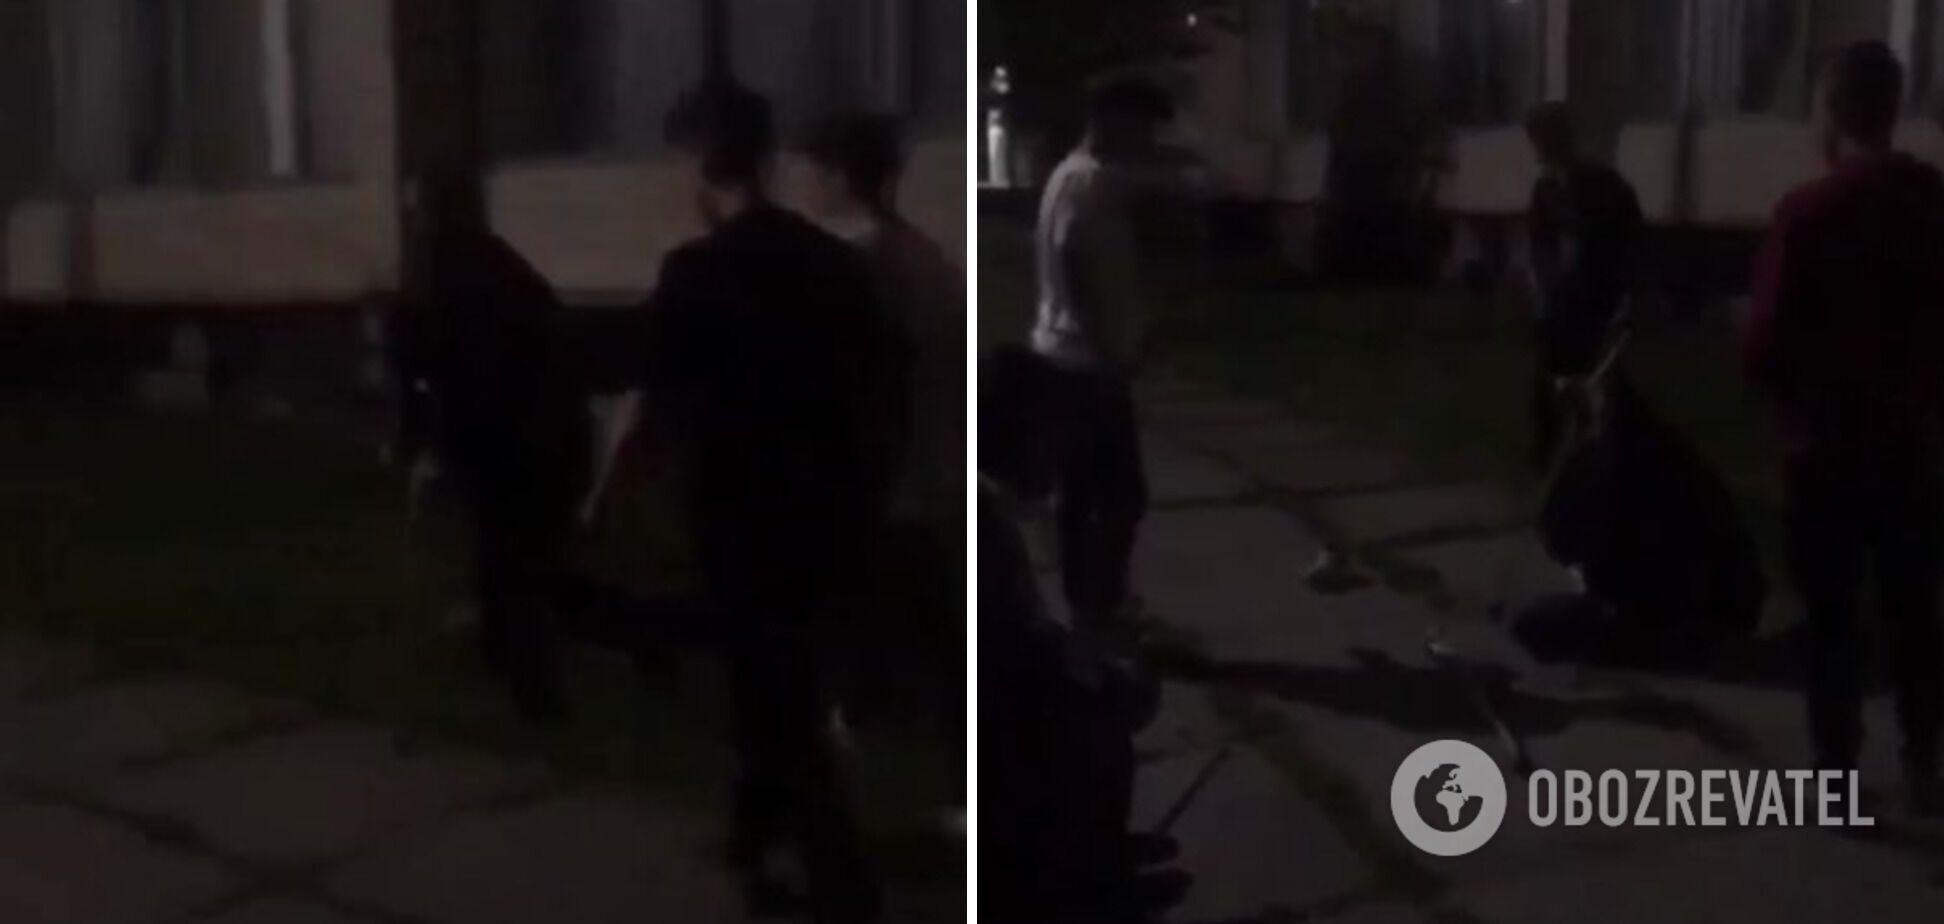 Підлітки вибили в чоловіка з інвалідністю милиці й побили його